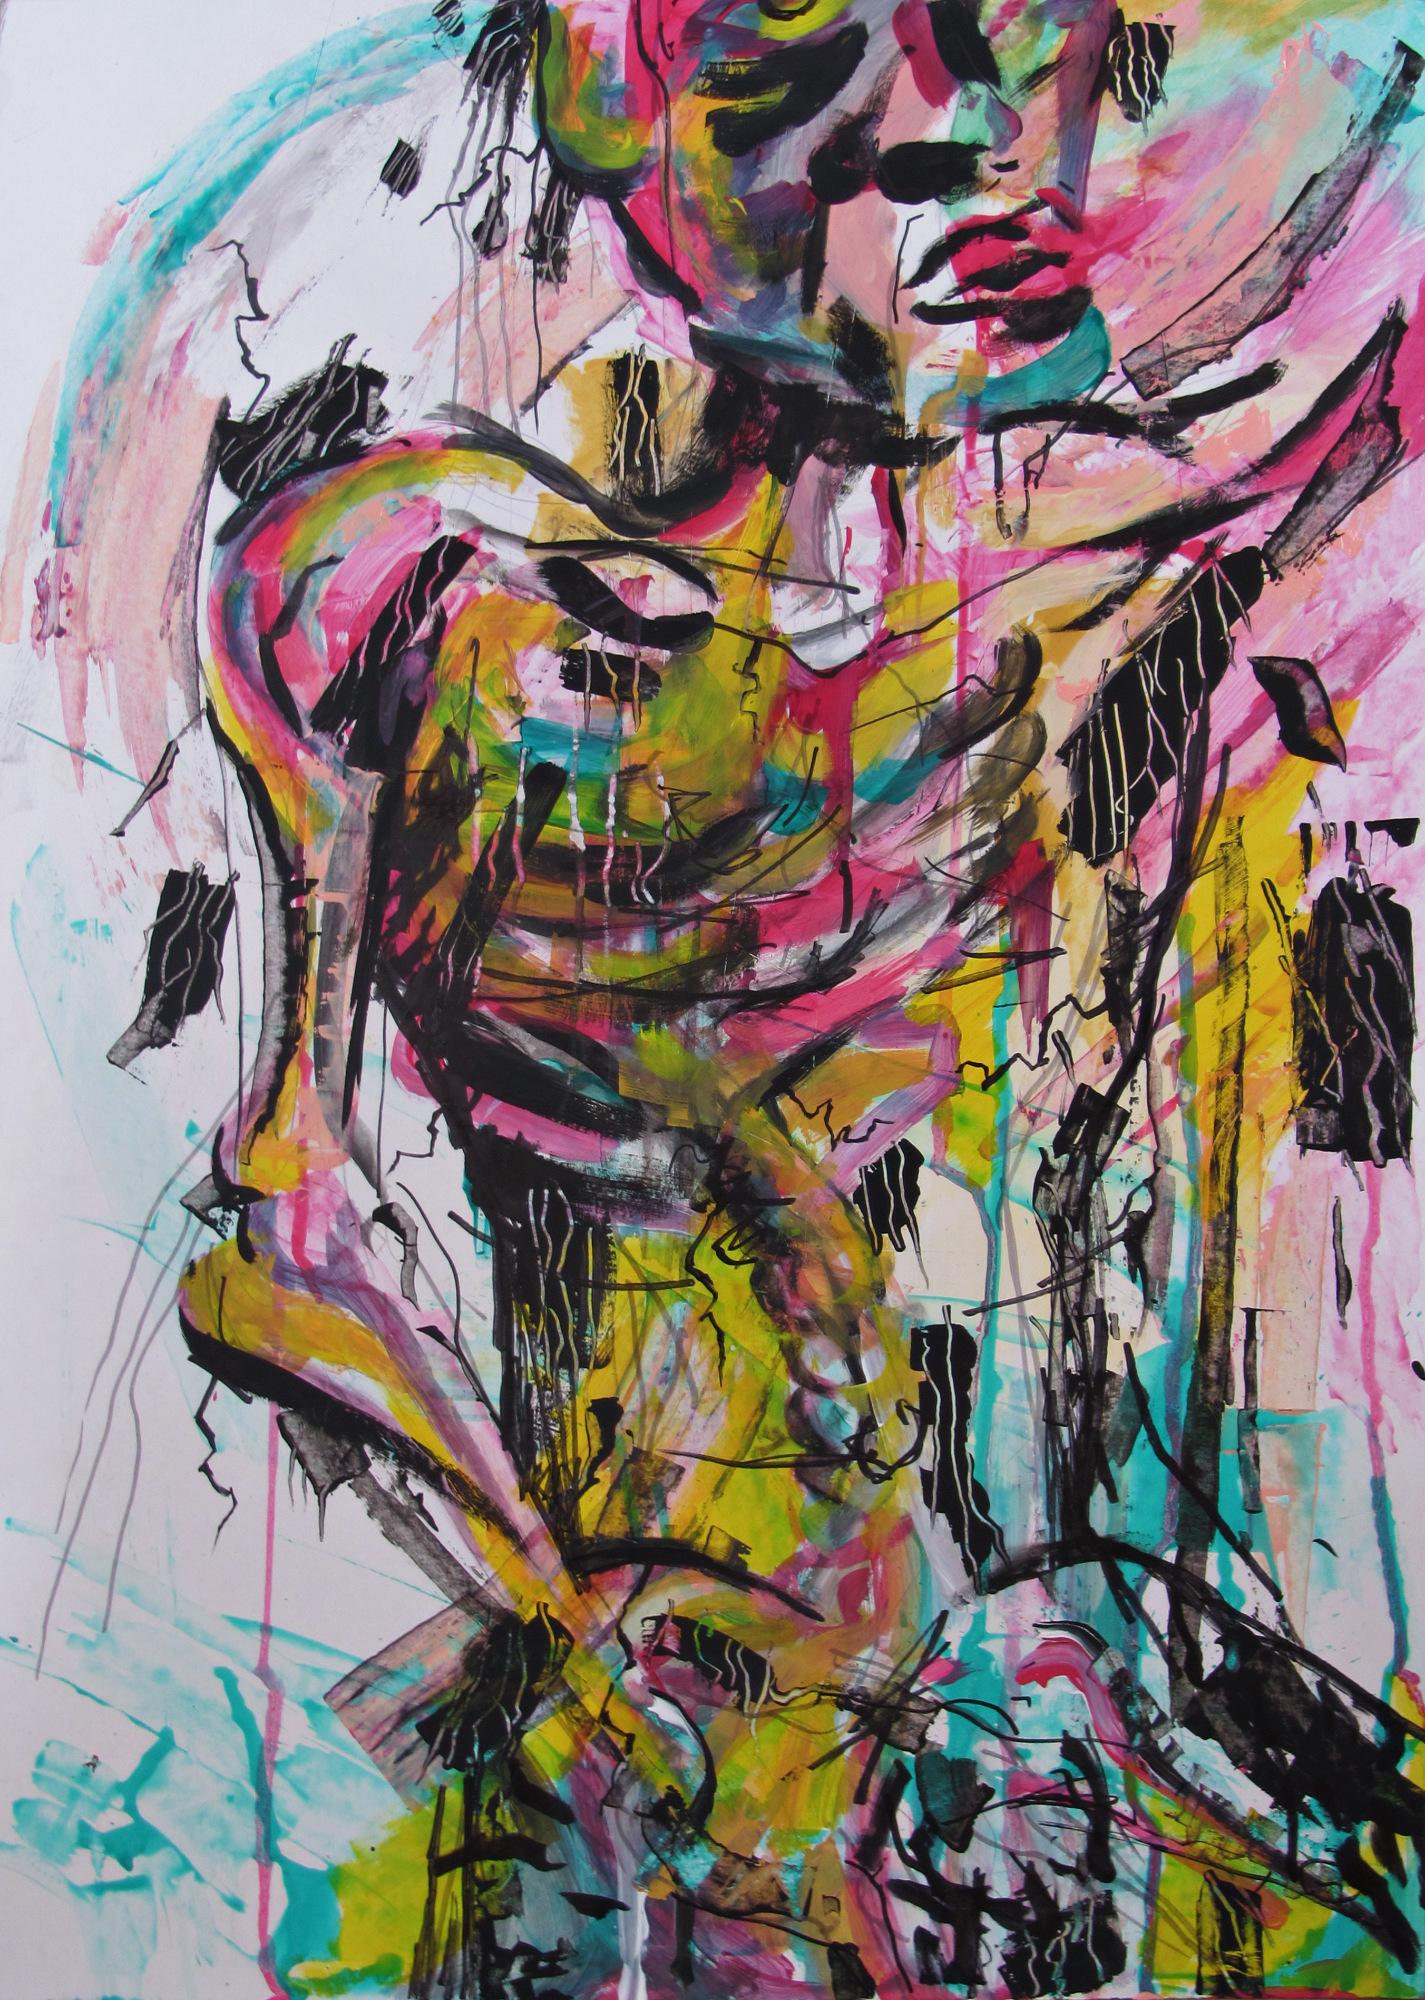 Leere, 50x70cm, Marc Allgaier, 2013